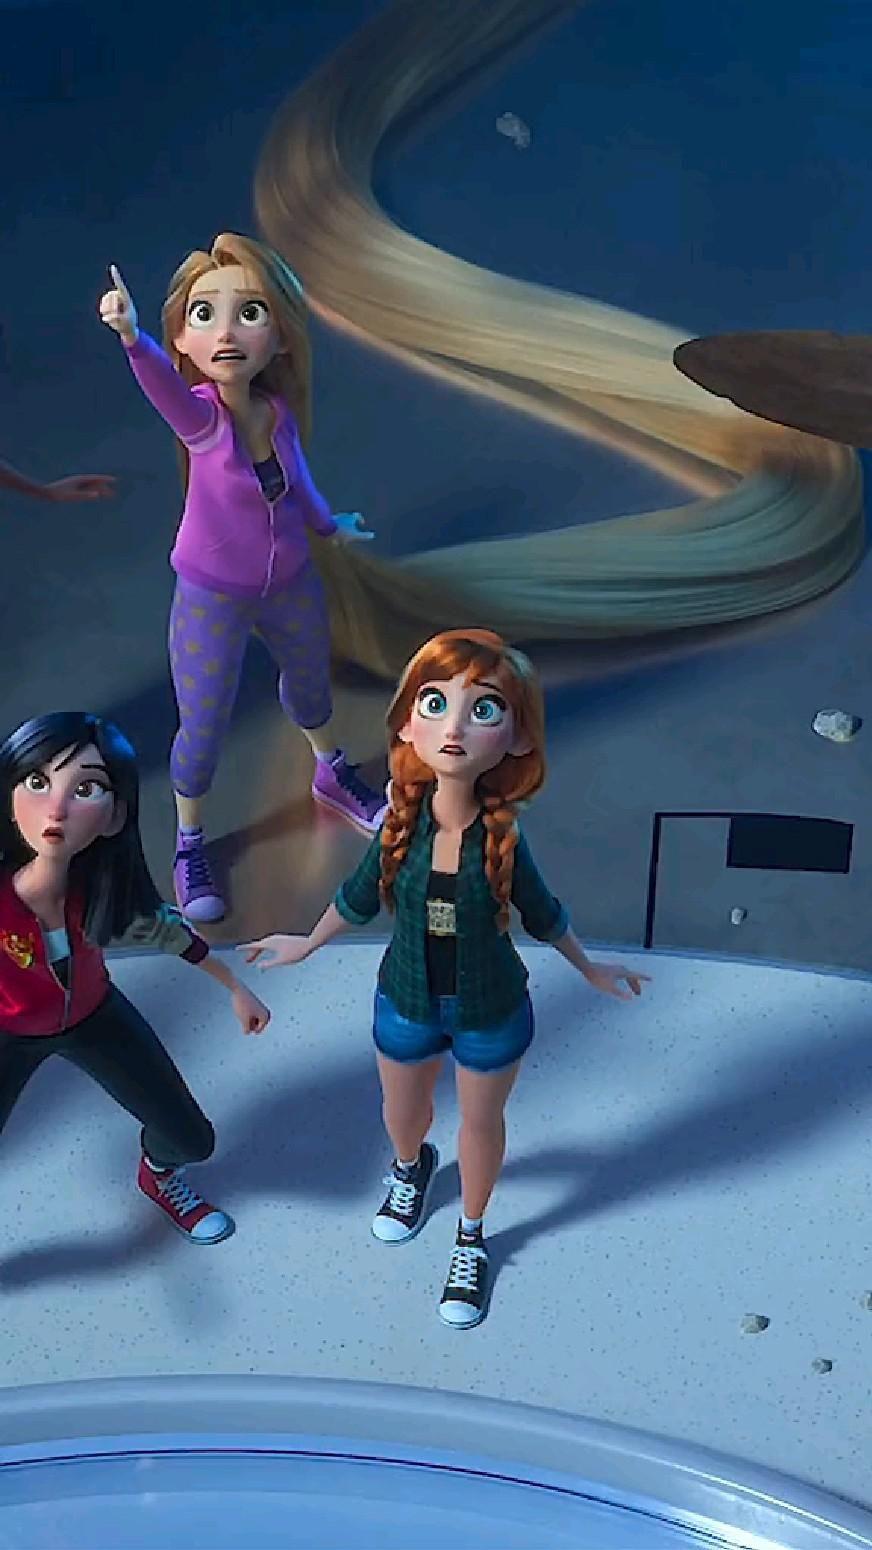 Best Cute Disney Princess